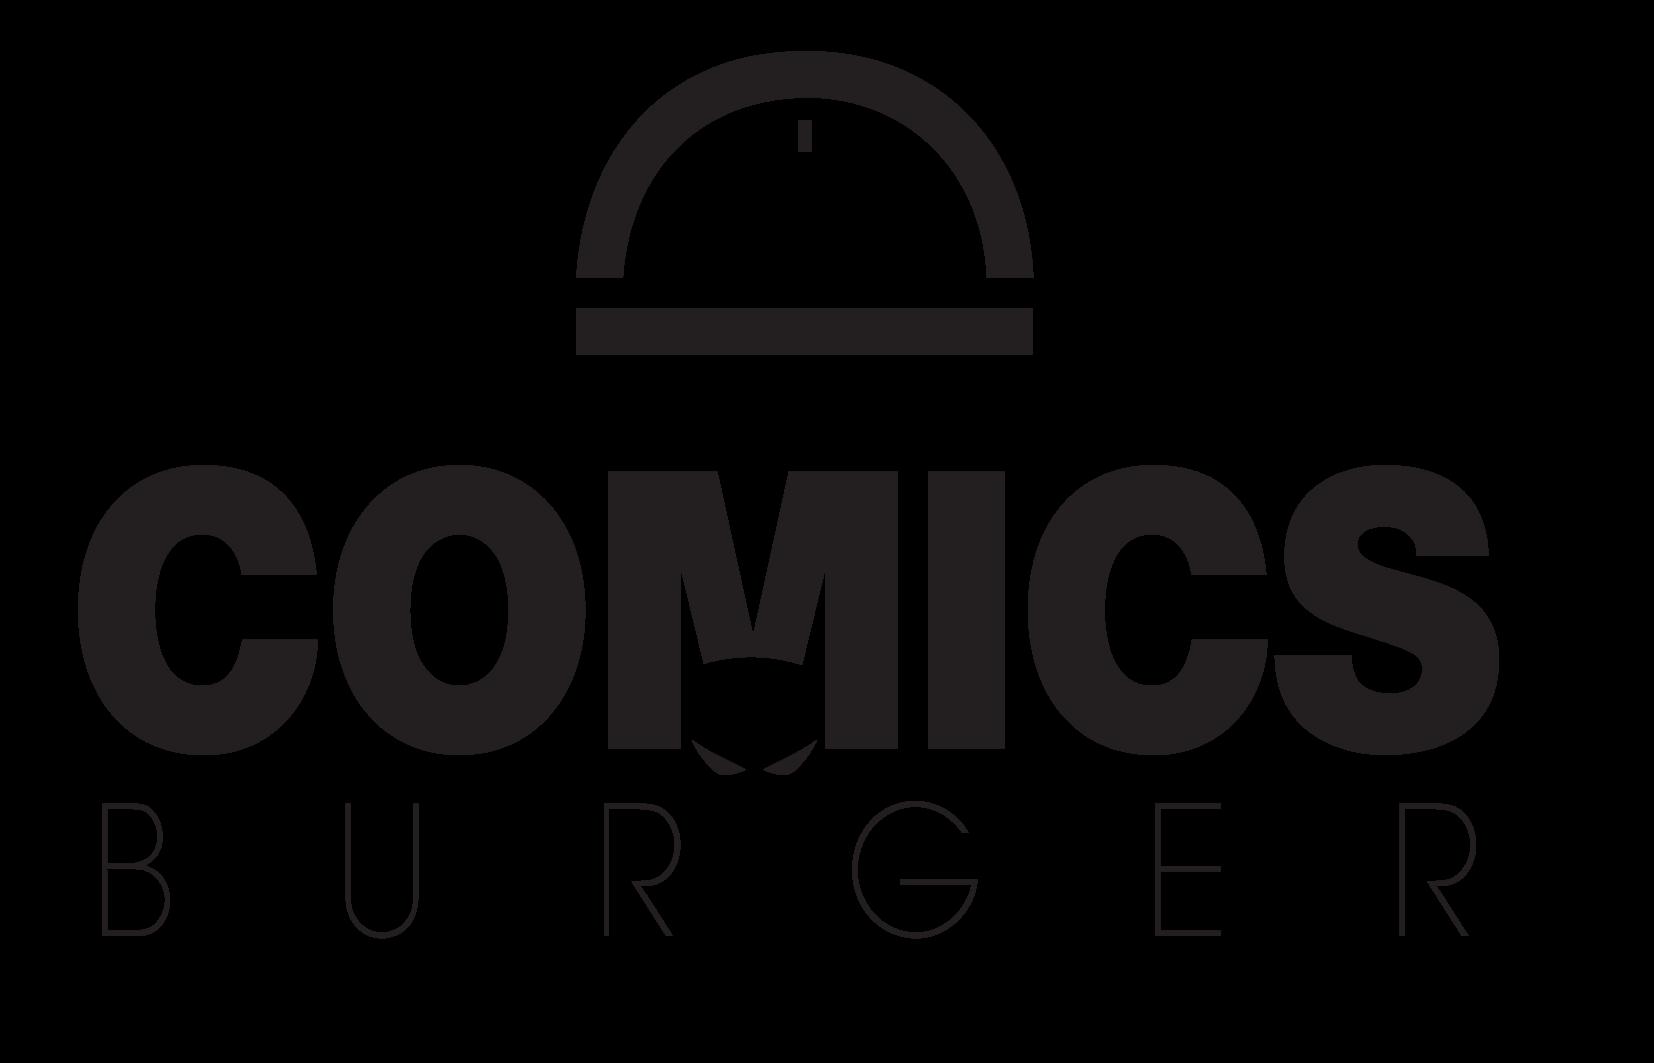 Comics Burger